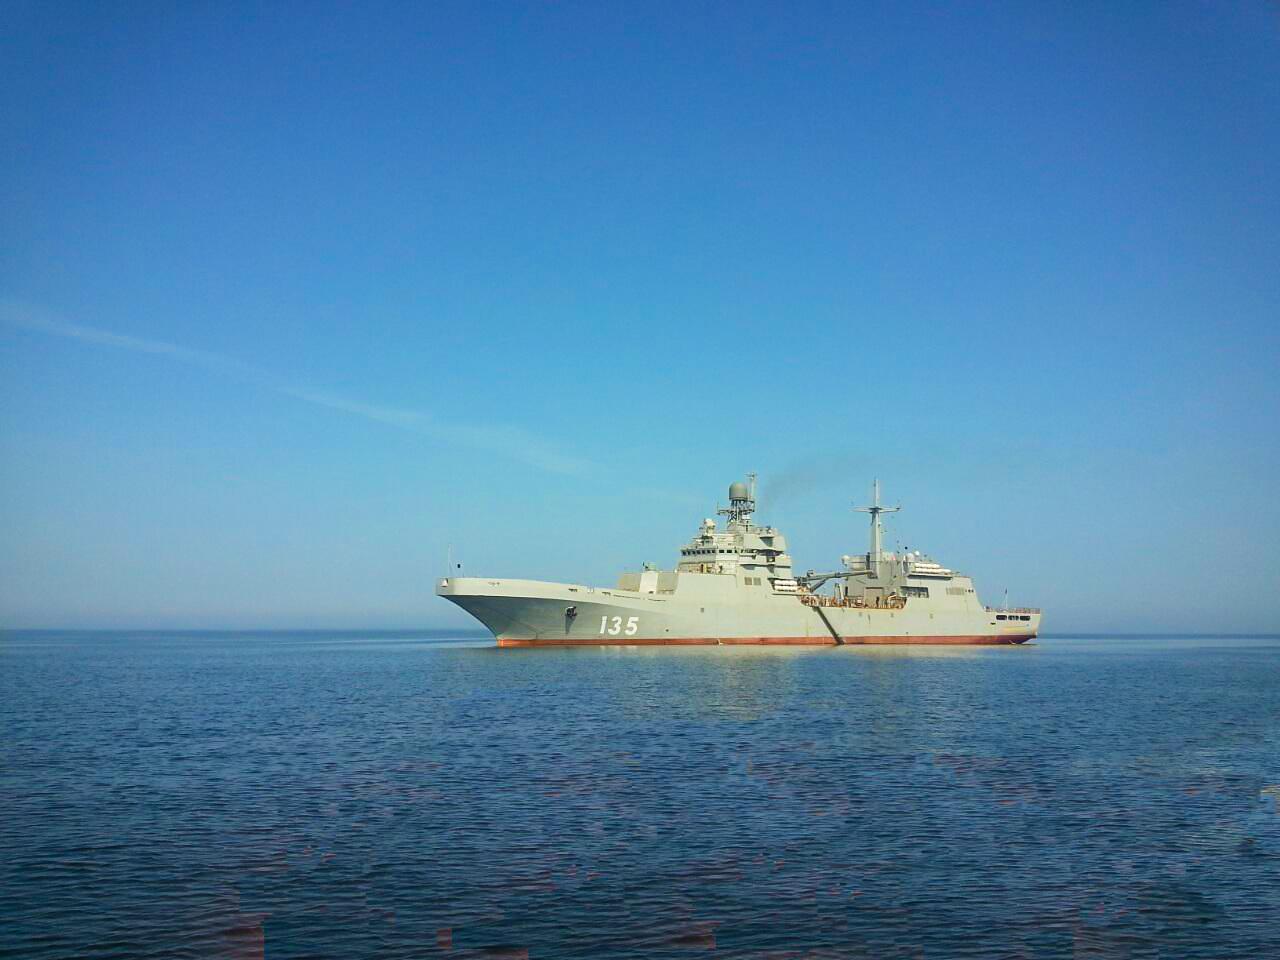 """Большой десантный корабль """"Иван Грен"""" проекта 11711 в Балтийском море на заводских ходовых испытаниях. 25.06.2016."""